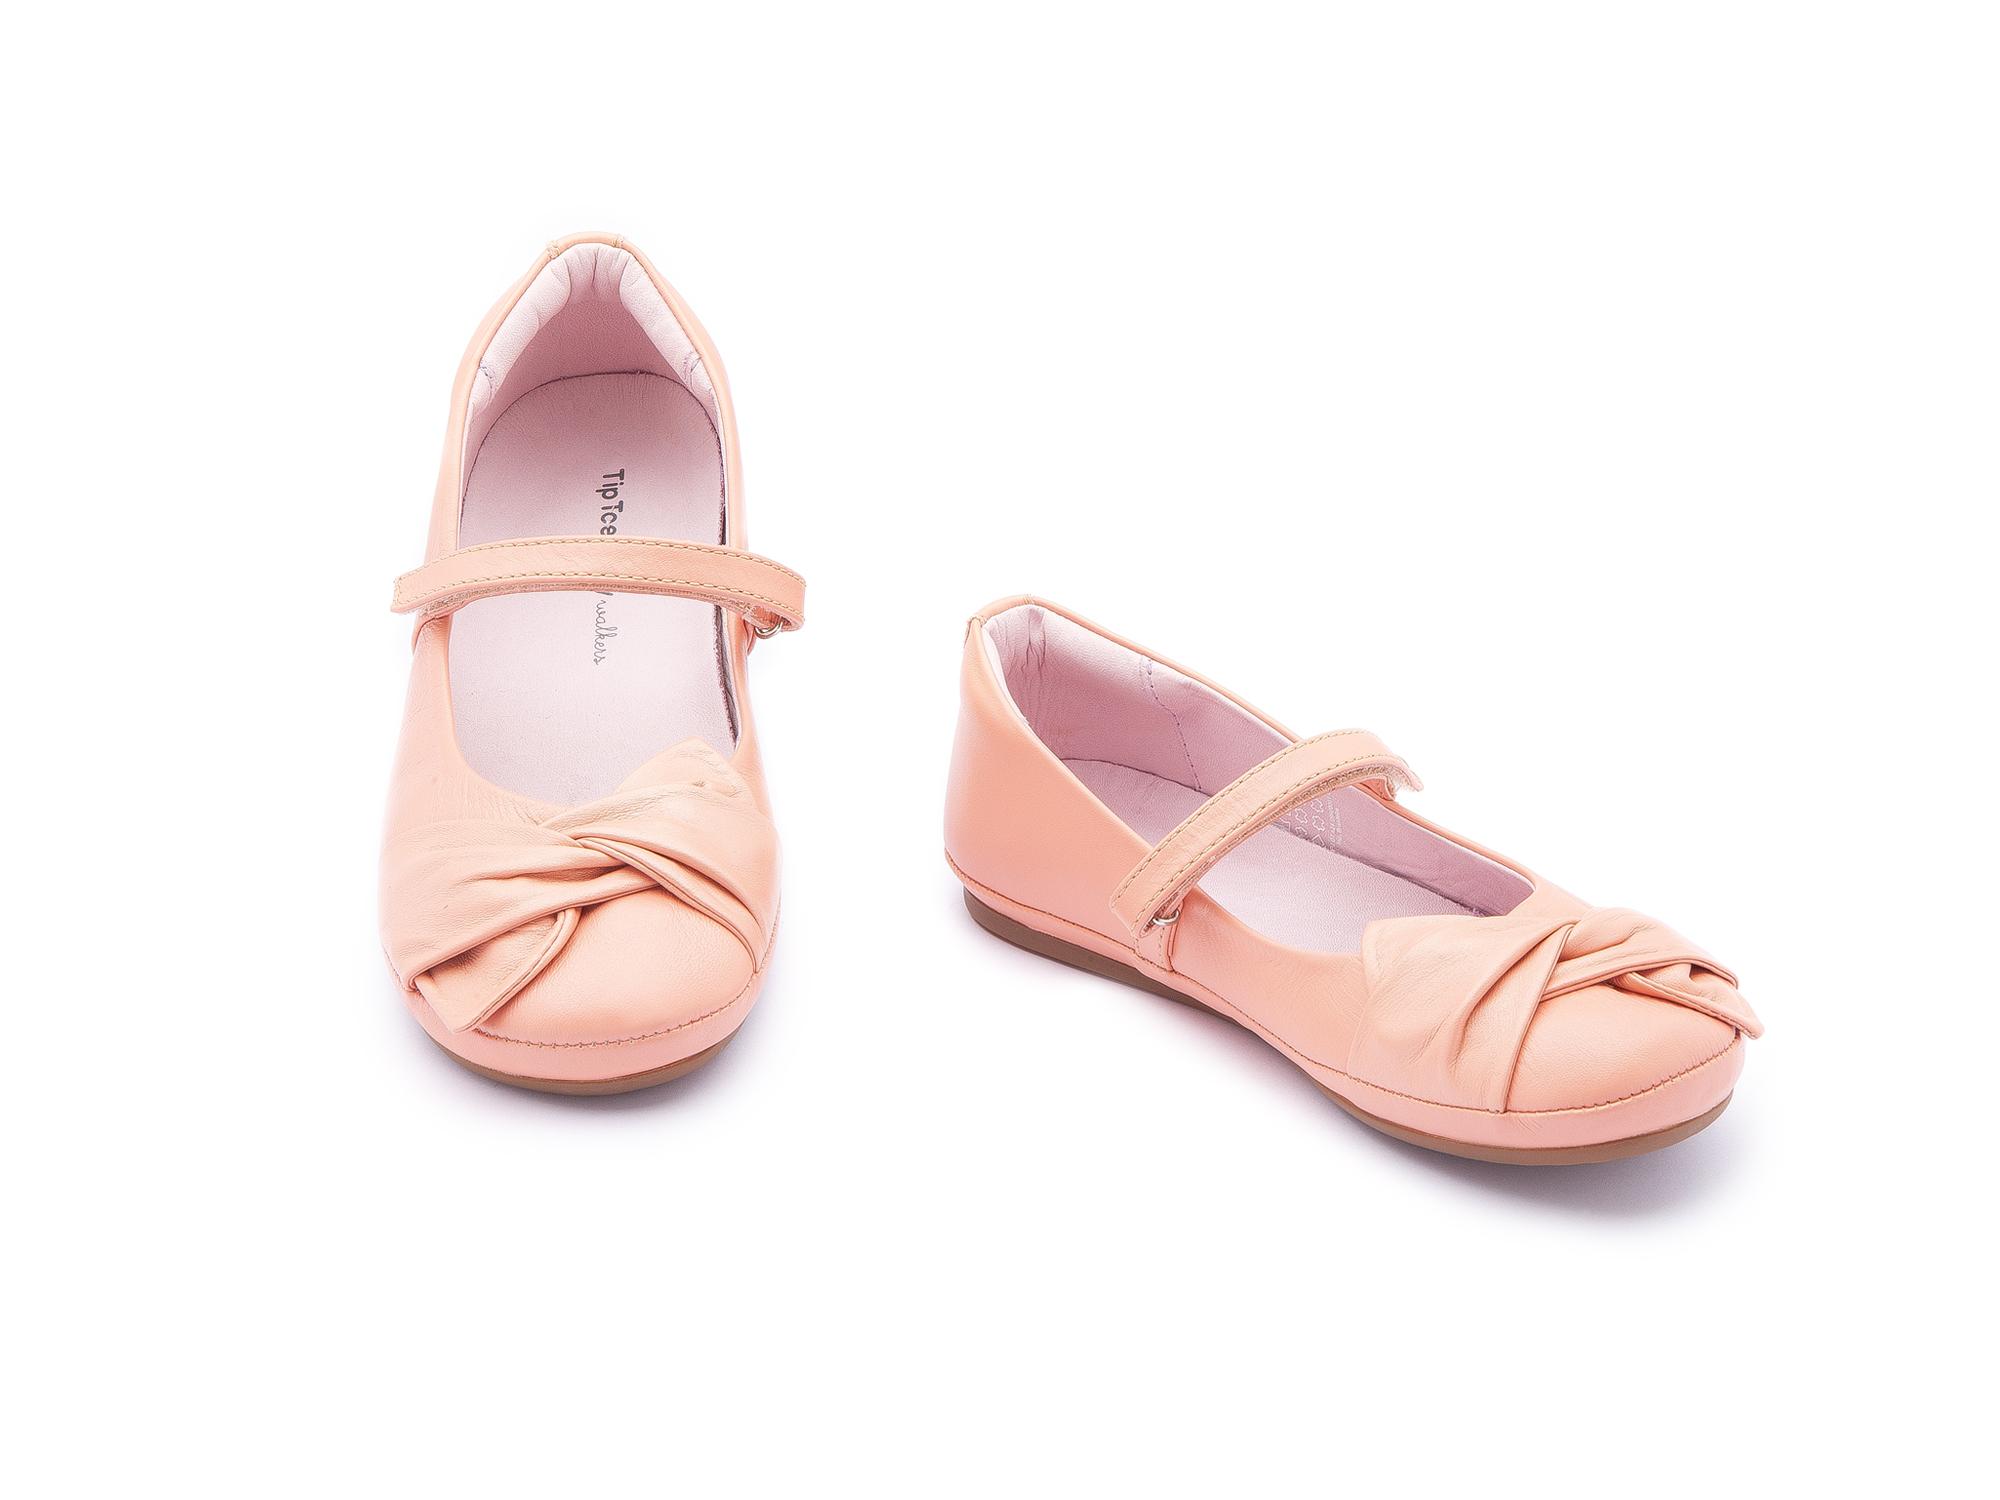 Boneca Bind Flamingo Junior 4 à 8 anos - 1